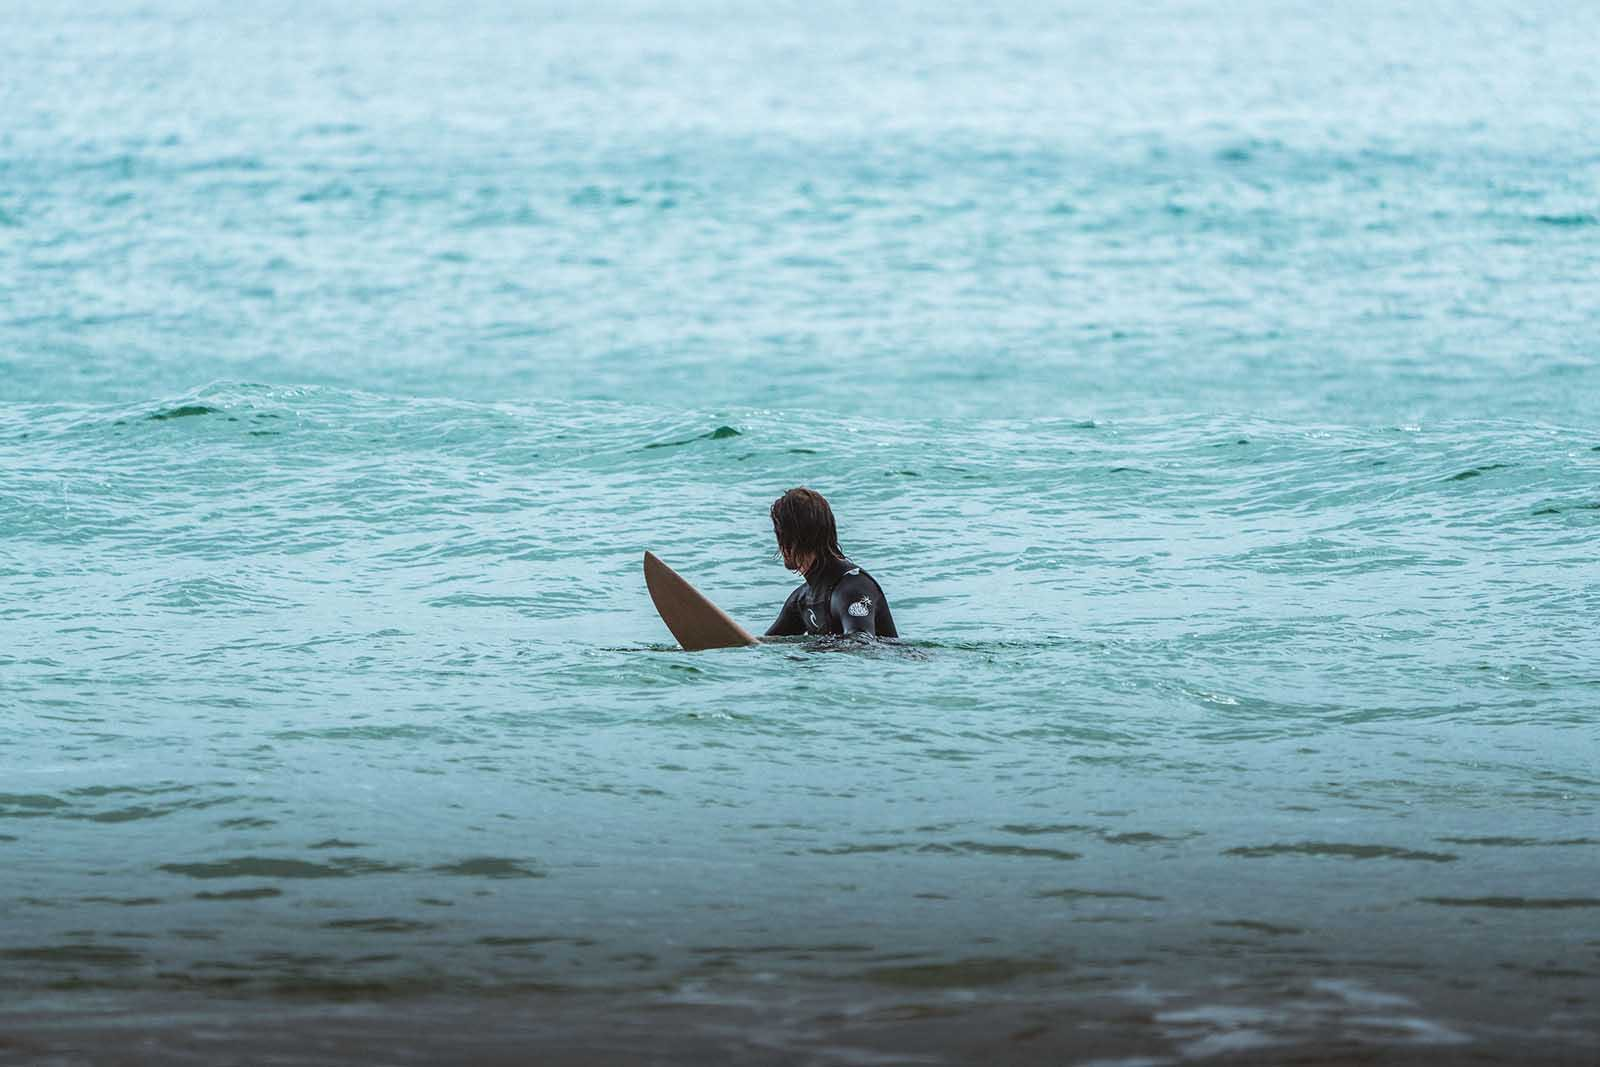 Surfeur dans l'eau attendant une vague.